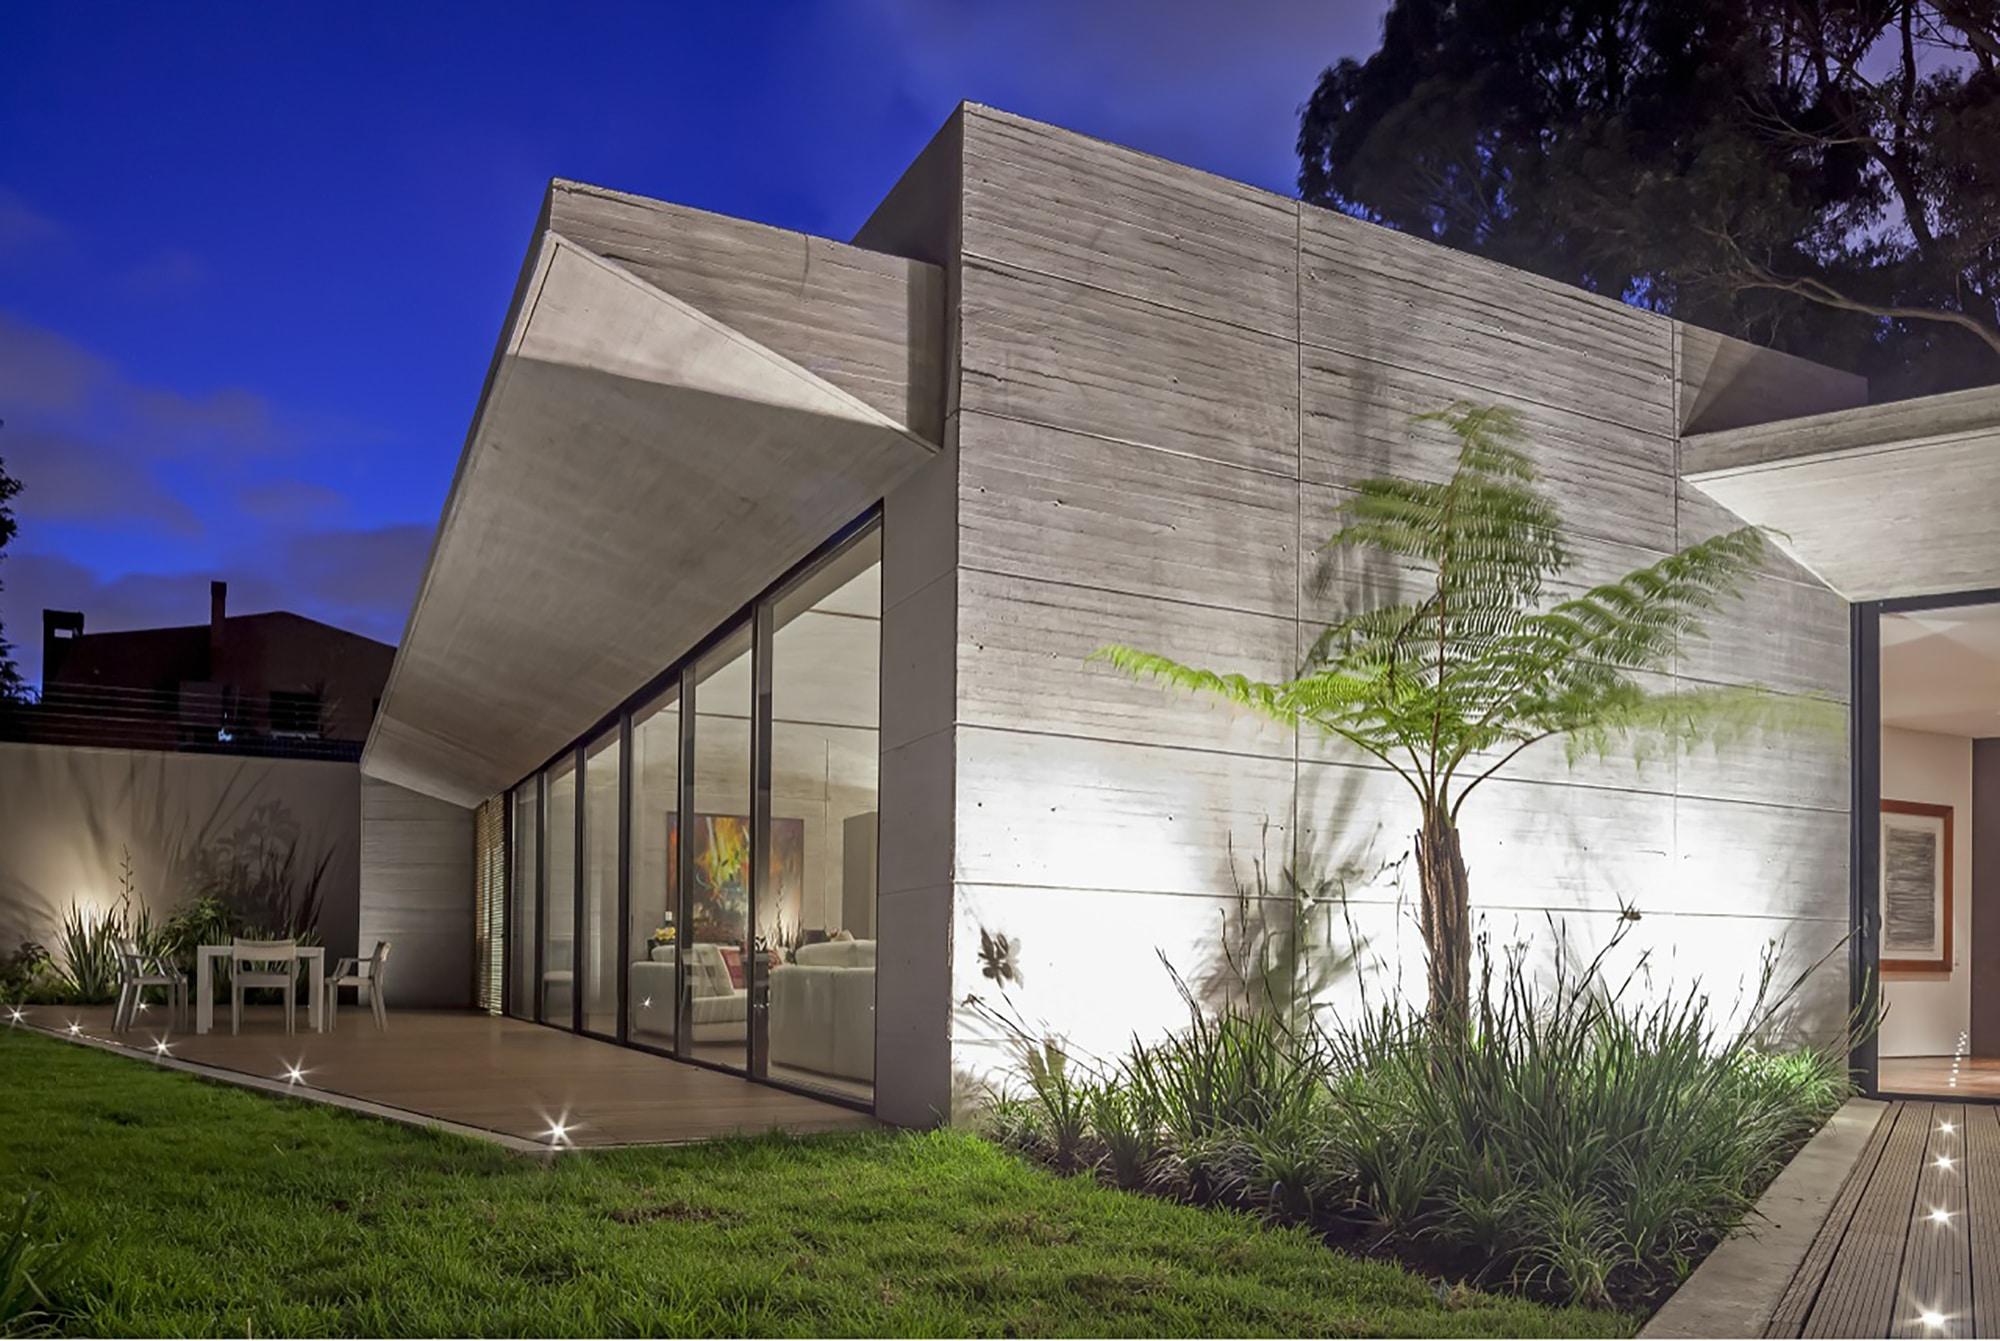 Moderno dise o casa de un piso con planos construye hogar for Casas modernas hormigon visto